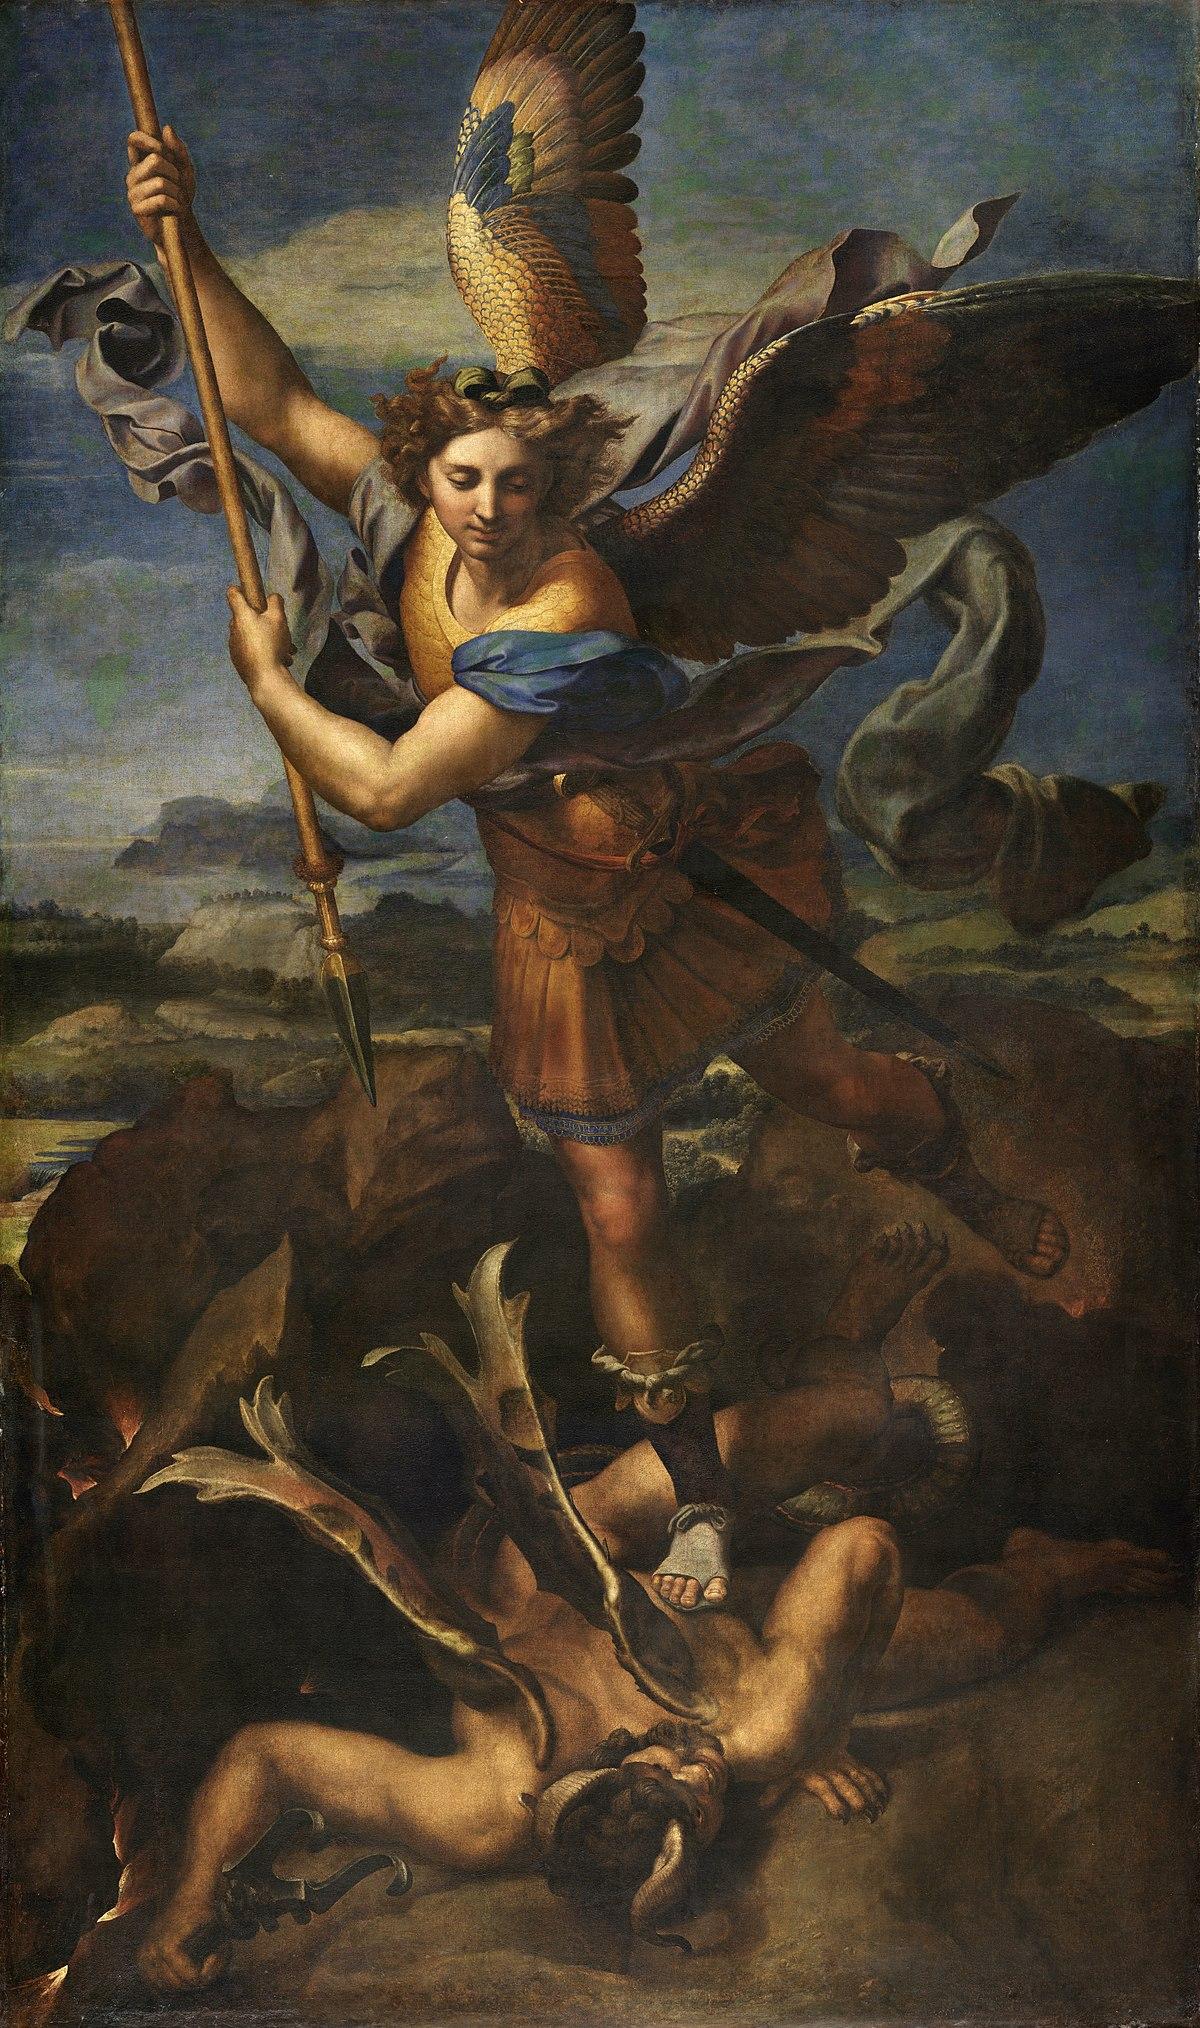 Qu Est Ce Qu Un Archange : archange, Archange, Wikipédia